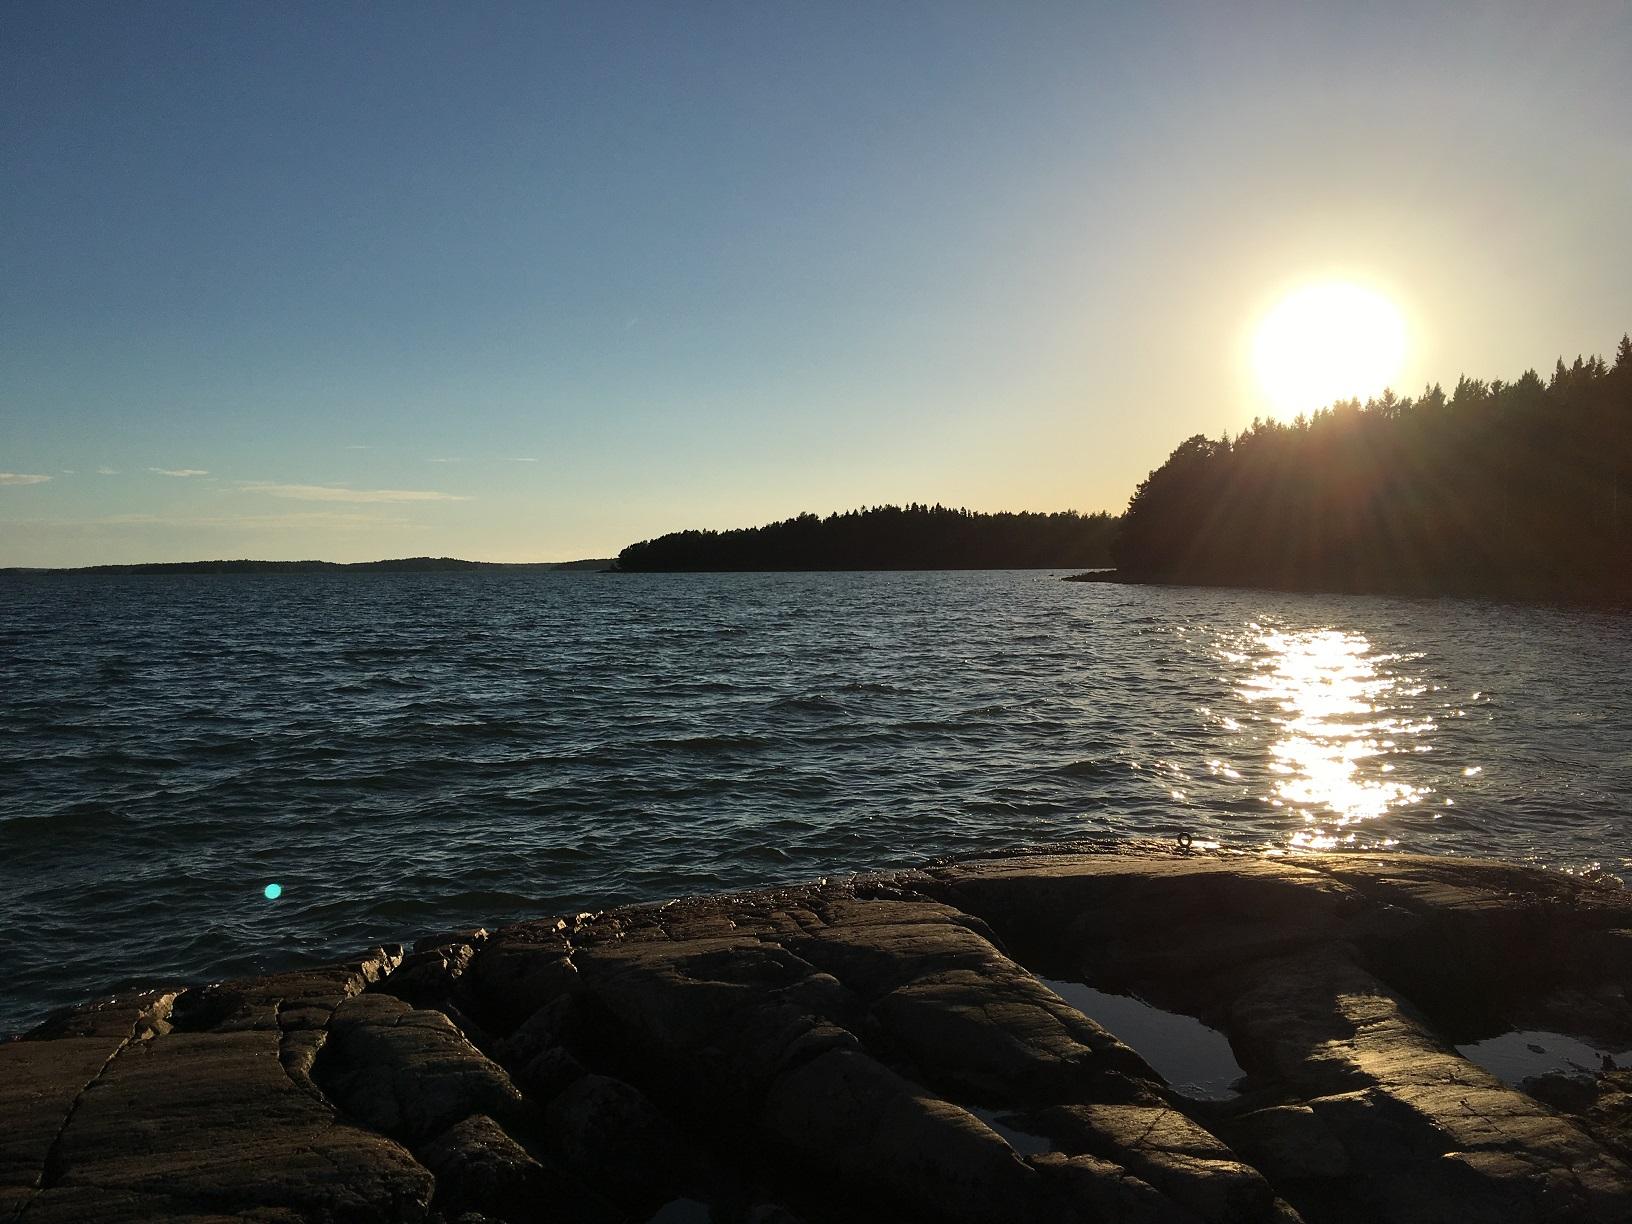 Sonnenuntergang auf der Insel Kimitoön